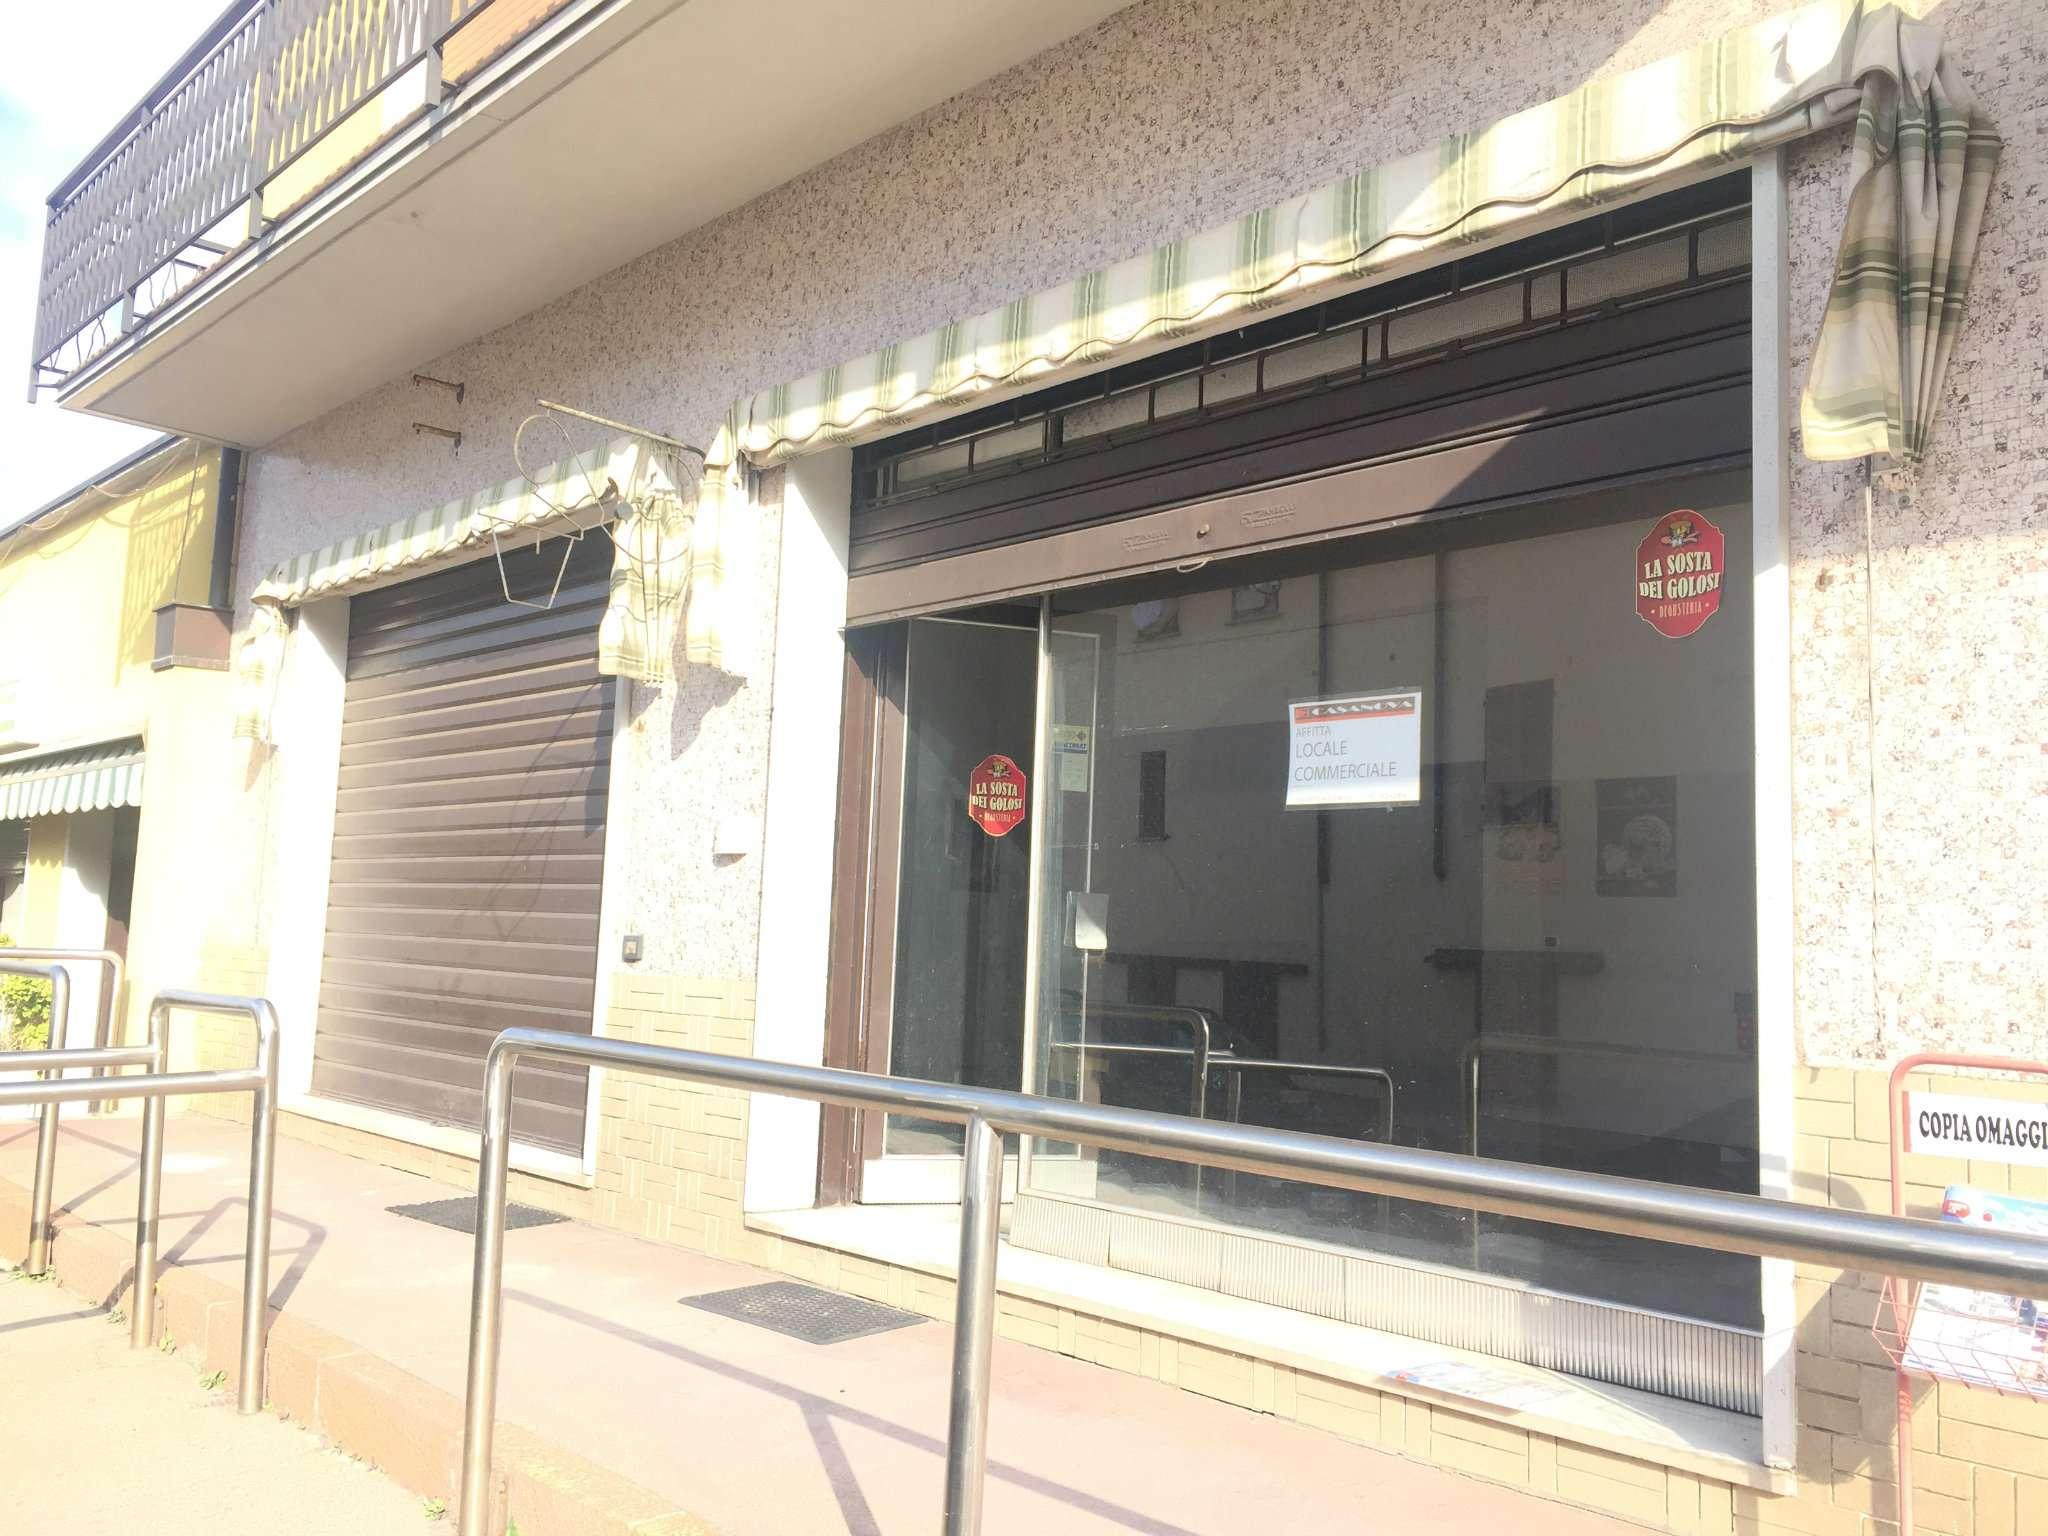 Negozio / Locale in affitto a Varese, 1 locali, prezzo € 585 | CambioCasa.it